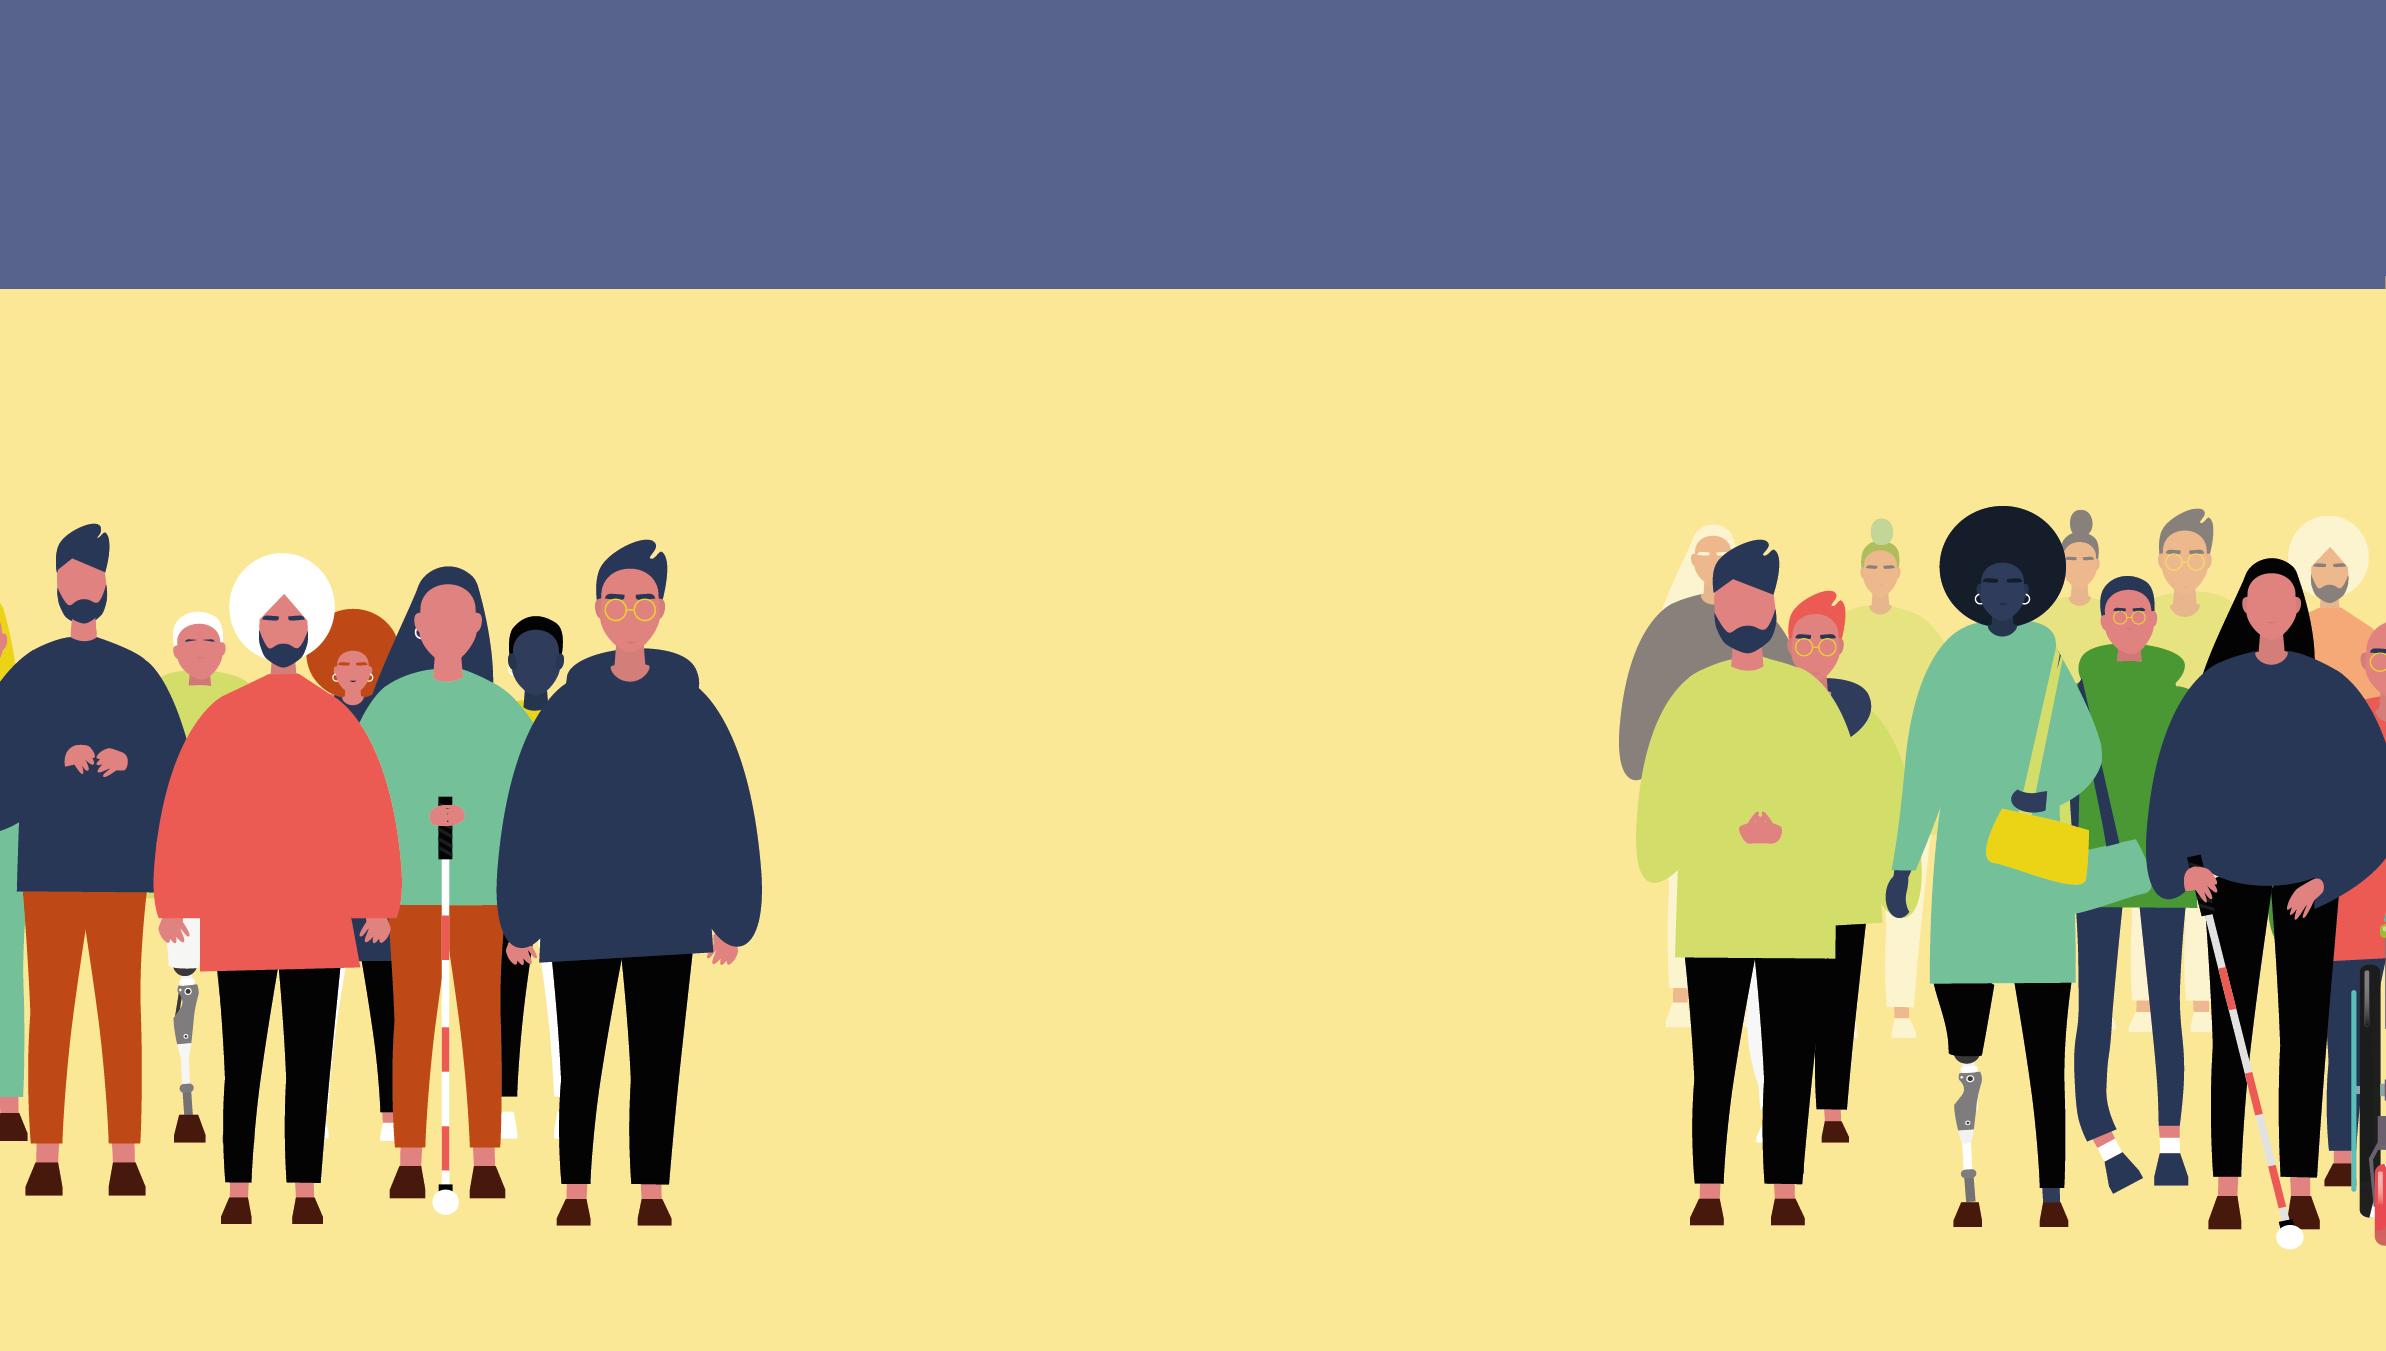 Sarı fonda sağ ve sol köşede engelli-engelsiz insan toplulukları